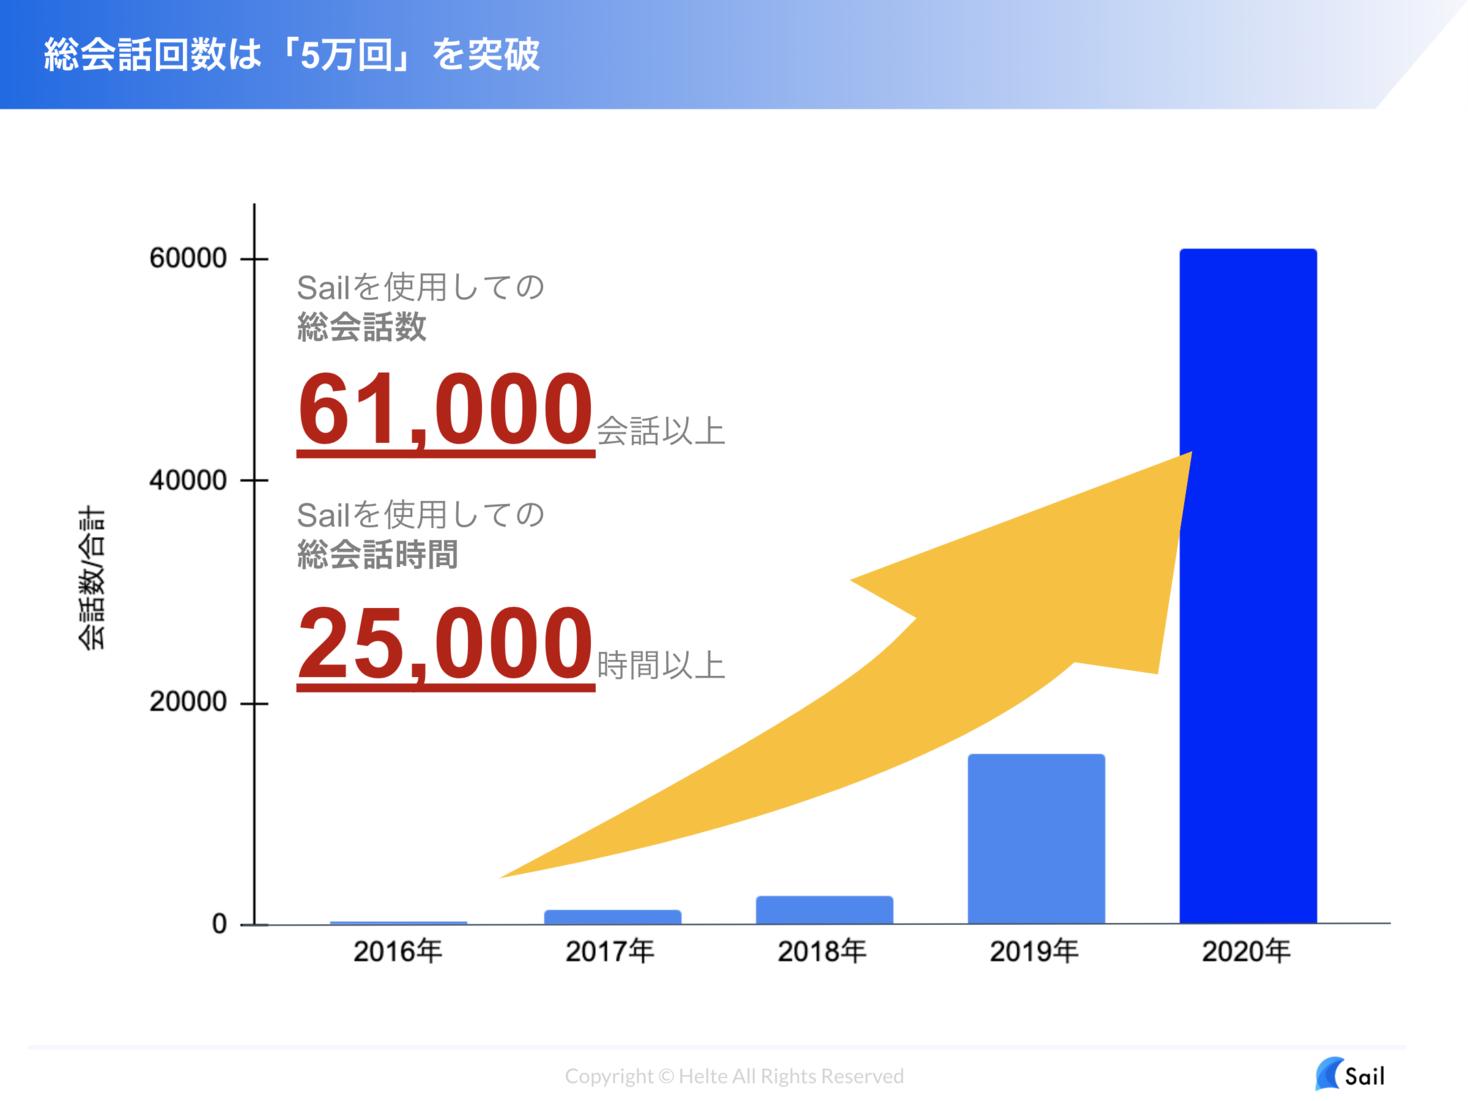 日本語で異文化交流を促進する「Sail」への参加国が100ヵ国・ユーザ数1万人・累計会話数が6万回を突破!